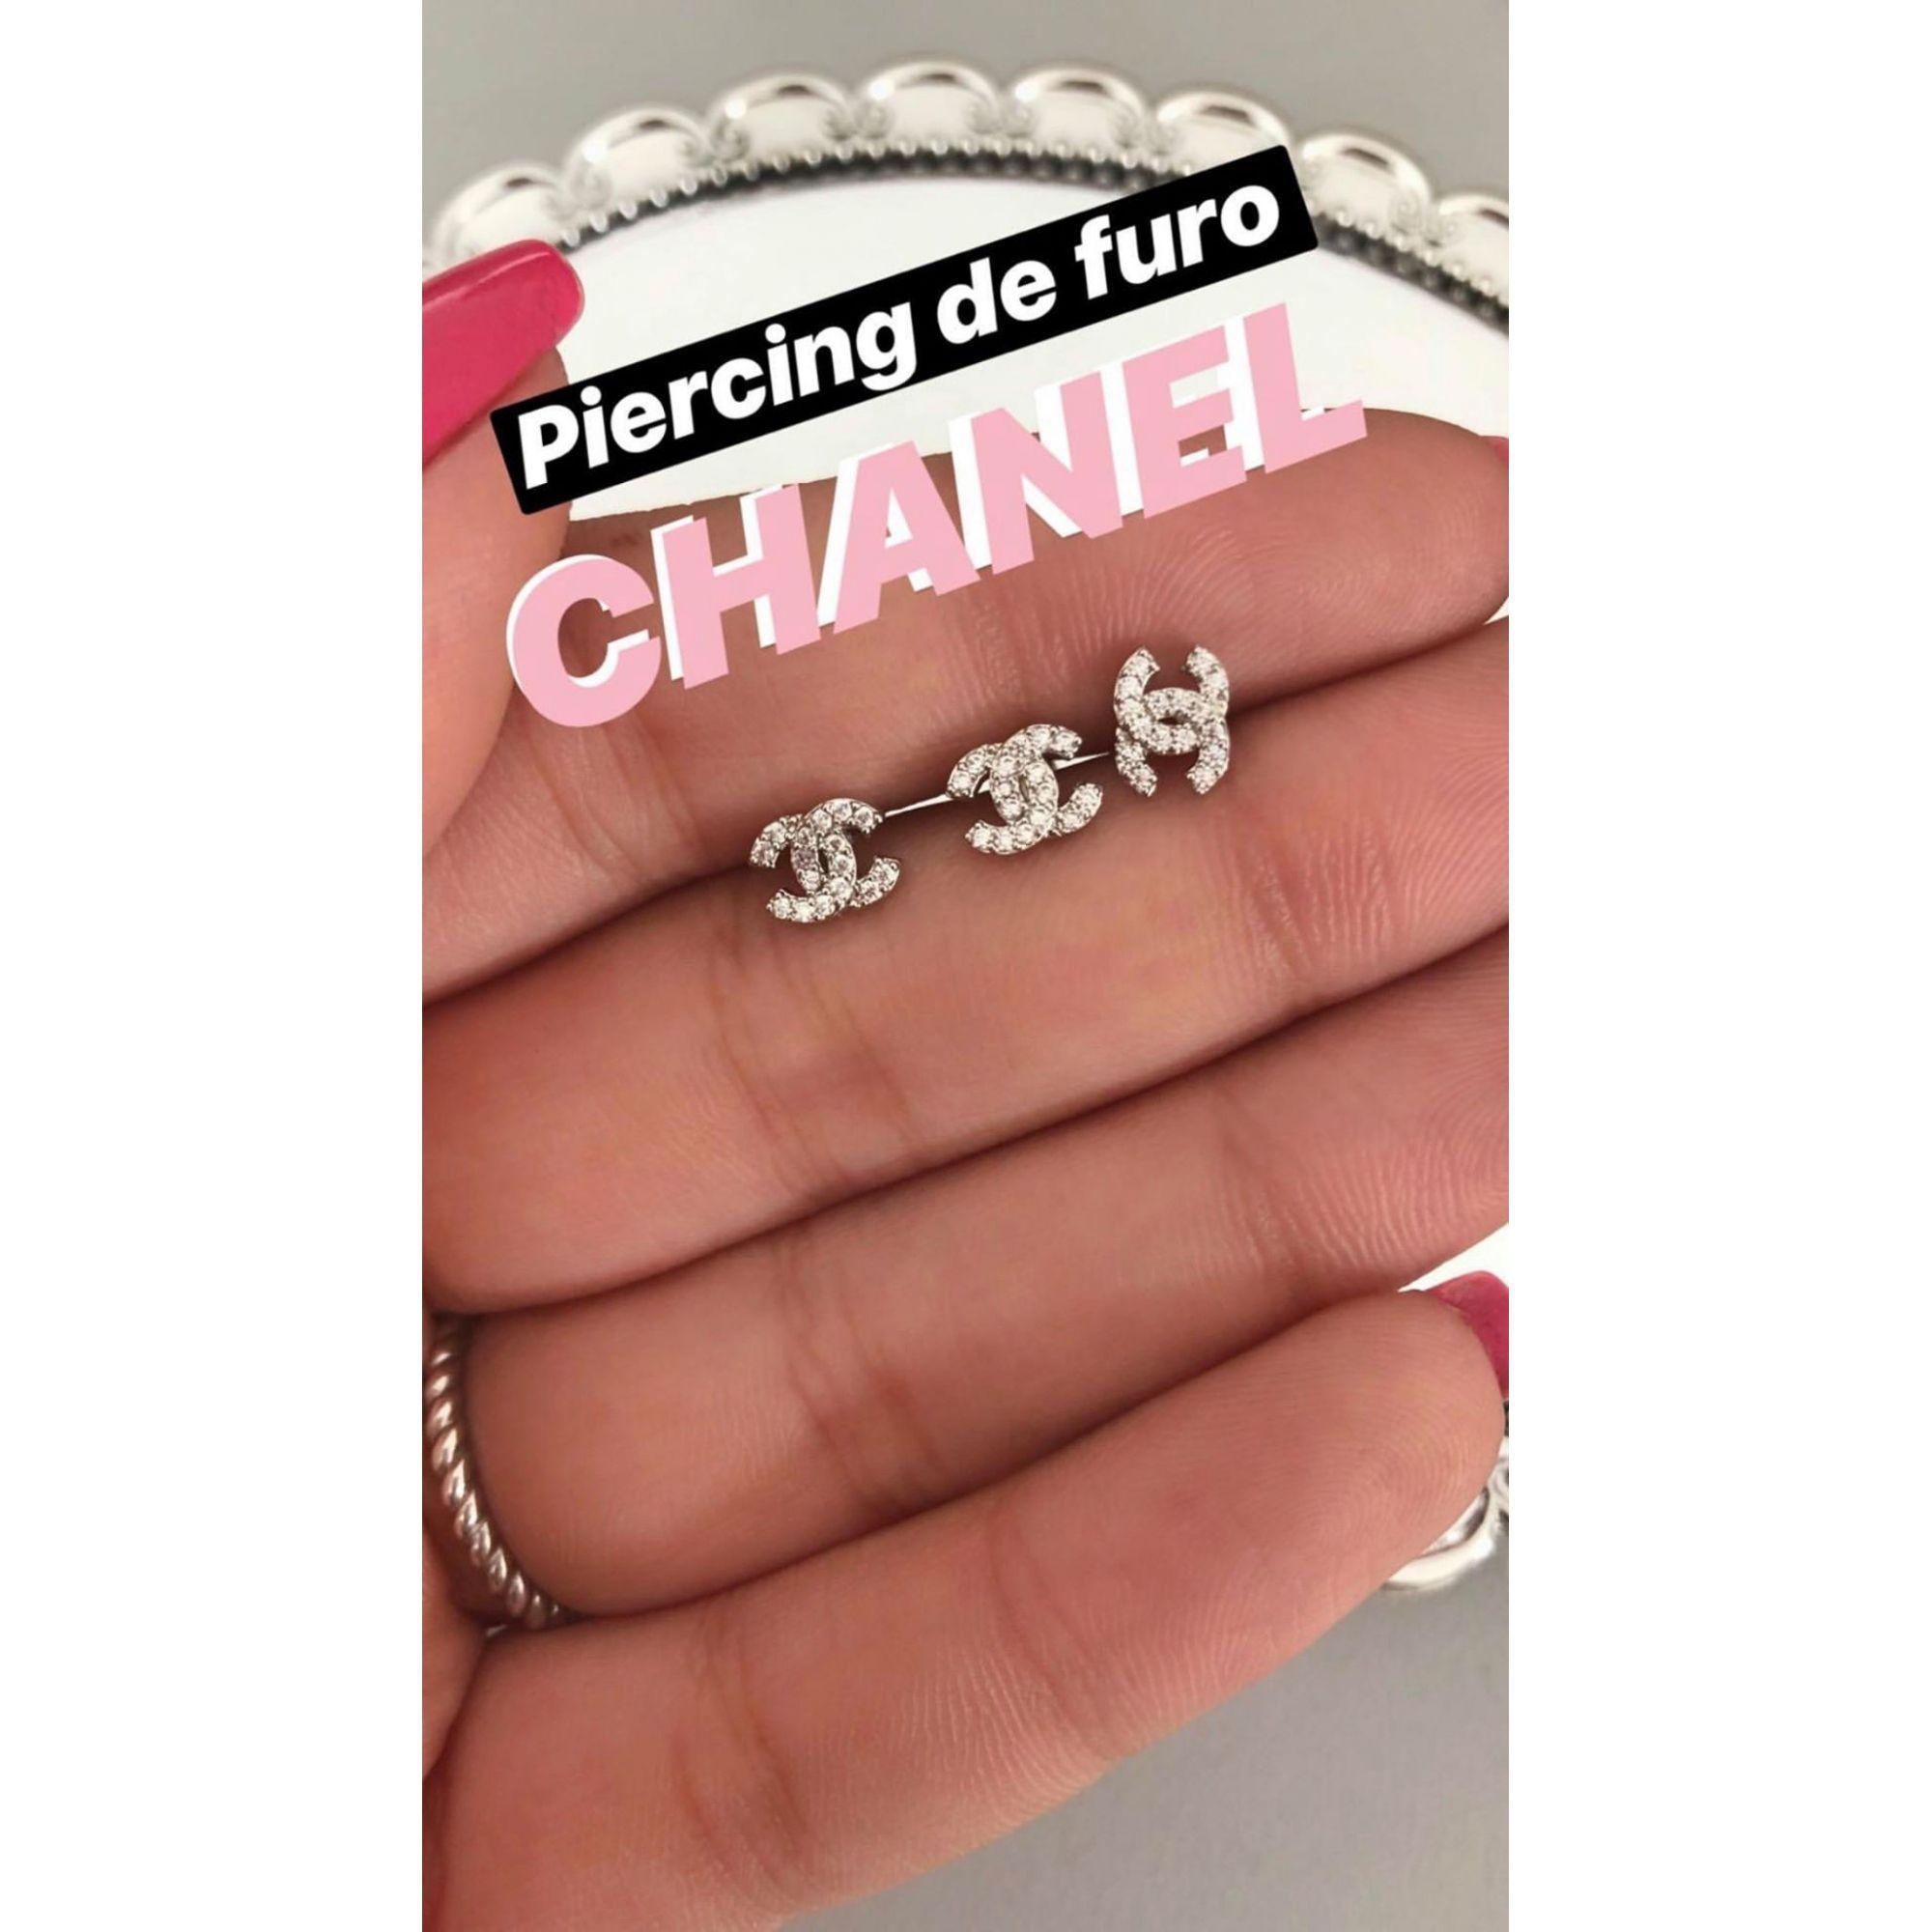 Piercing channel cravejado em zircônias